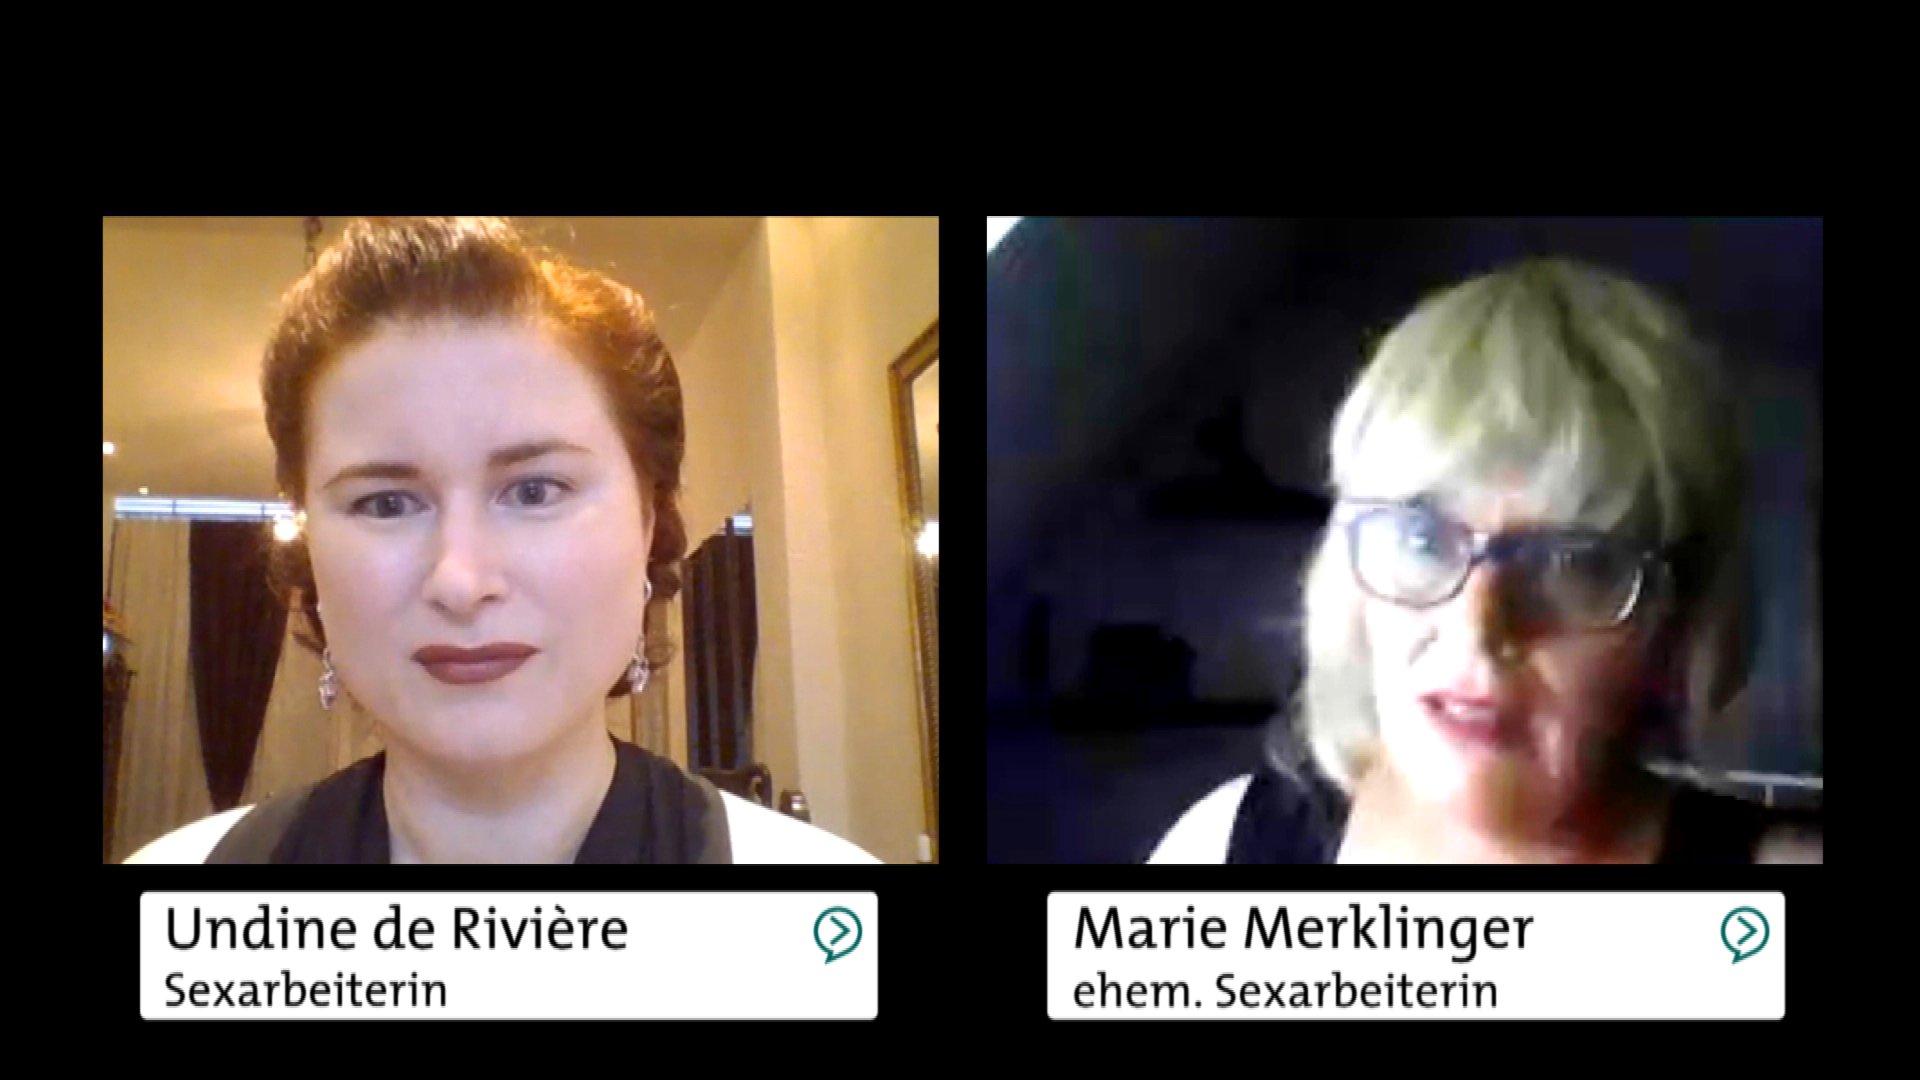 """Marie Merklinger und Undine de Rivière im dbate-Streigespräch zum Thema """"Prostitution legalisieren - Ja oder Nein"""""""